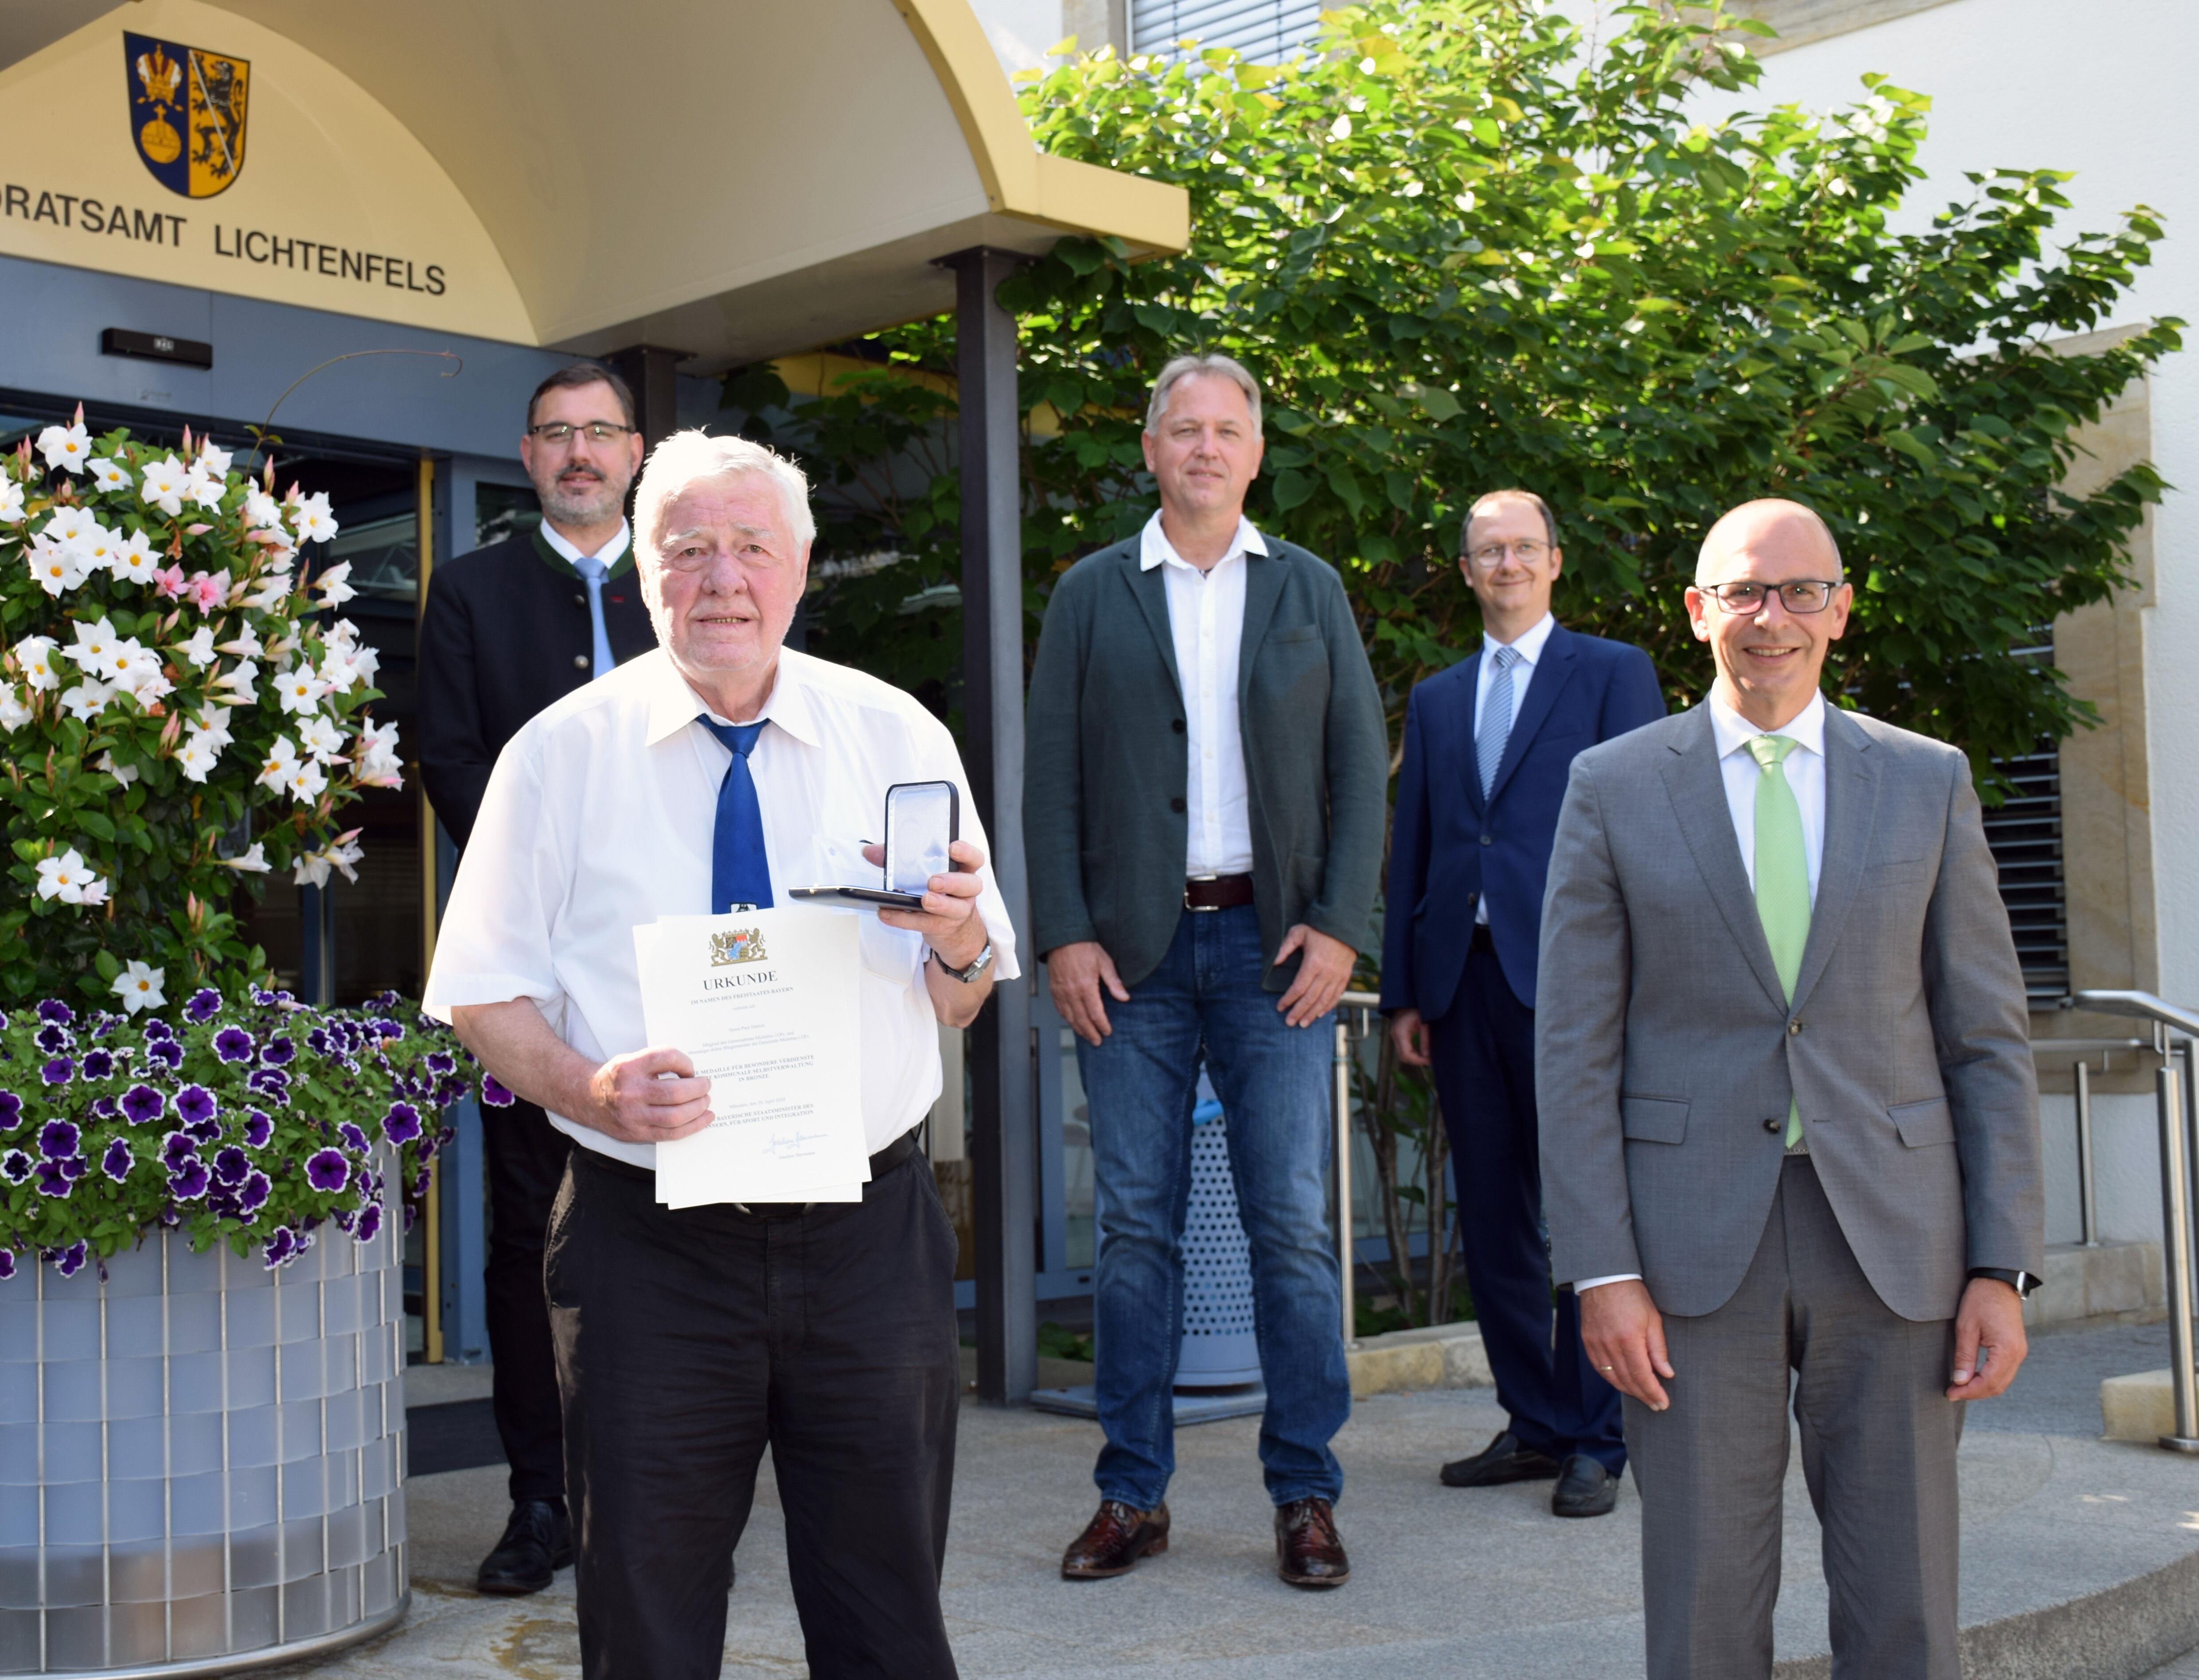 Landrat Christian Meißner (re.) übergab dem langjährigen Michelauer Gemeinderat Paul Habich, Schwürbitz, SPD, links) die Kommunale Verdienstmedaille i